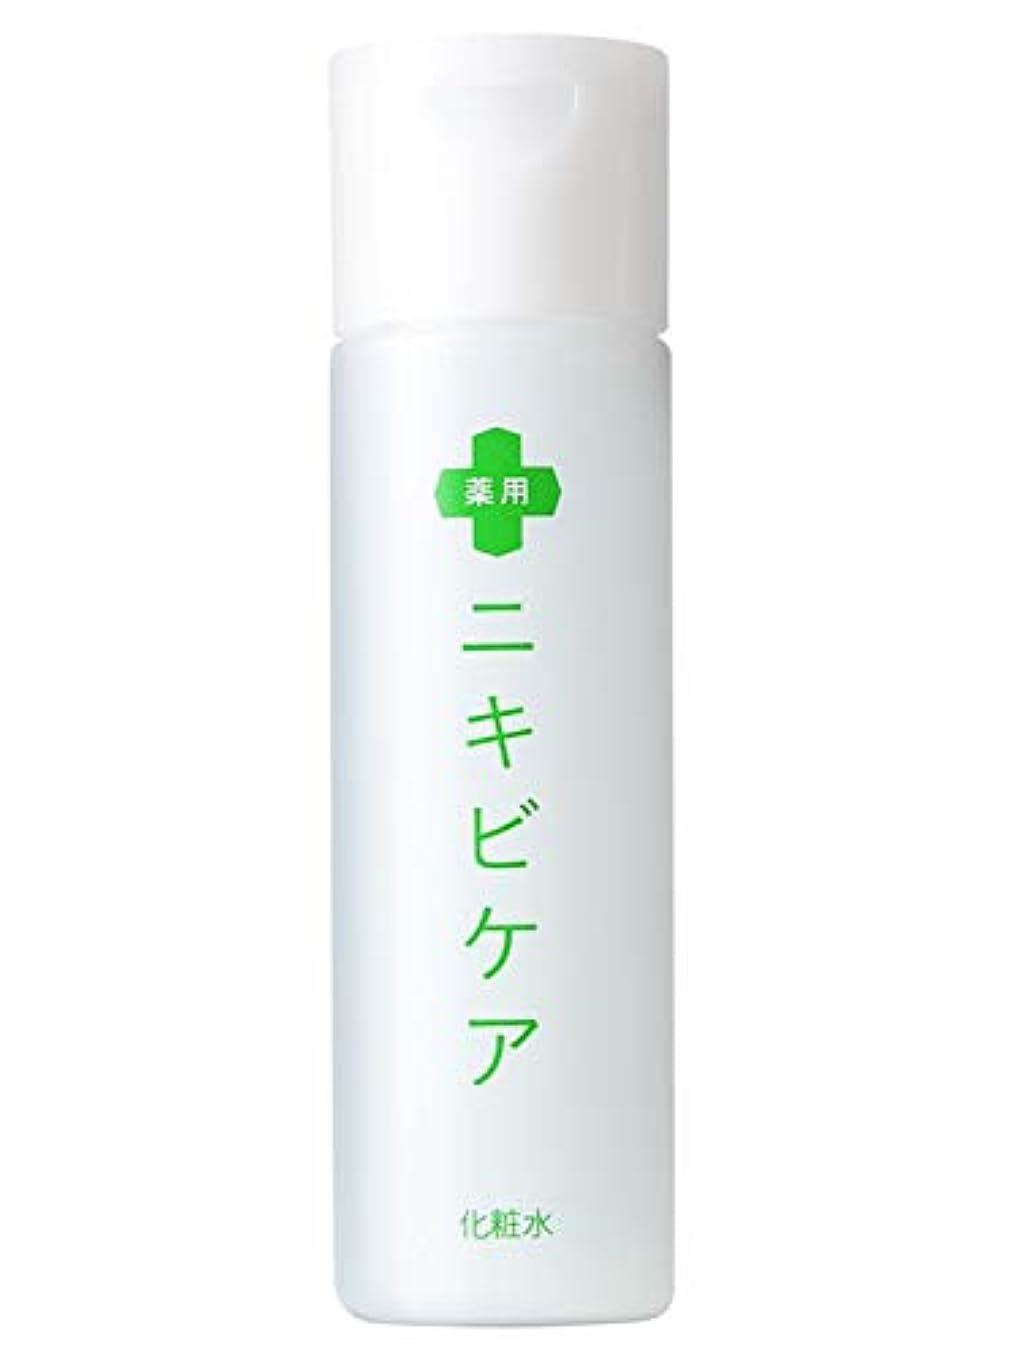 検査実現可能性補正医薬部外品 薬用 ニキビケア 化粧水 大人ニキビ 予防「 あご おでこ 鼻 ニキビ アクネ 対策」「 肌をひきしめサラサラに 」「 コラーゲン プラセンタ 配合 」 メンズ & レディース 120ml